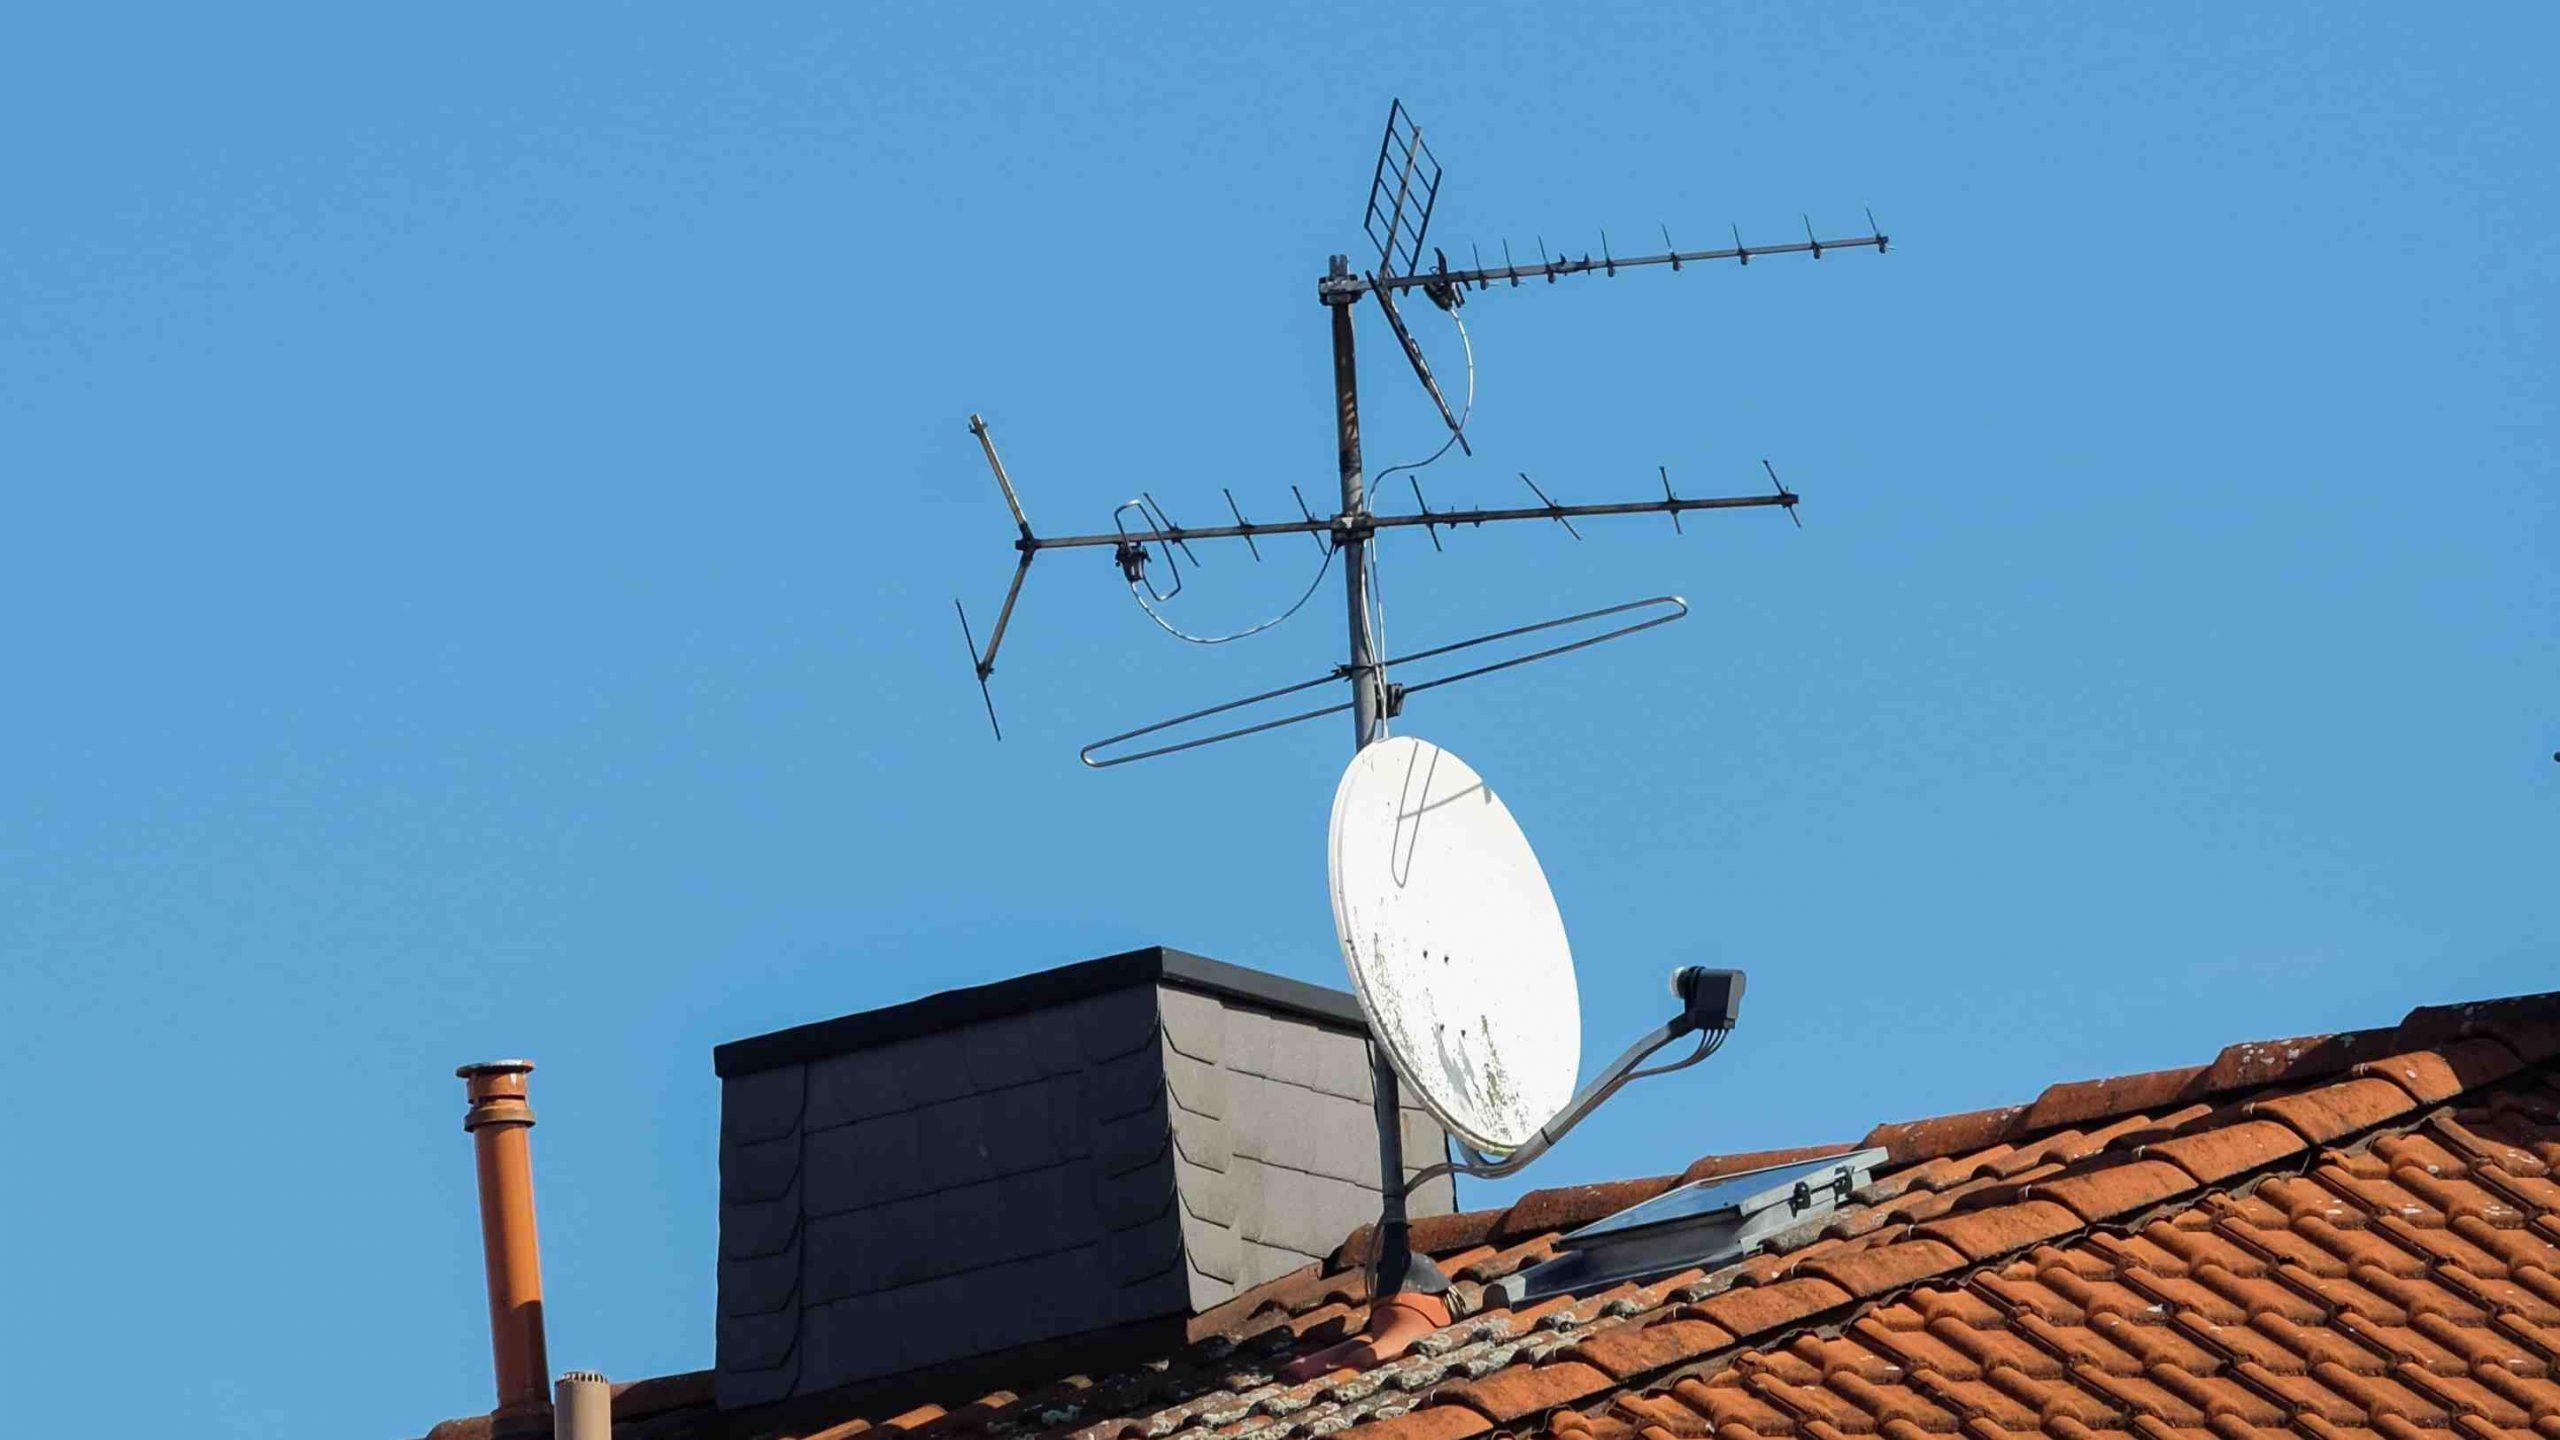 Quelle antenne pour la TNT réception difficile ?